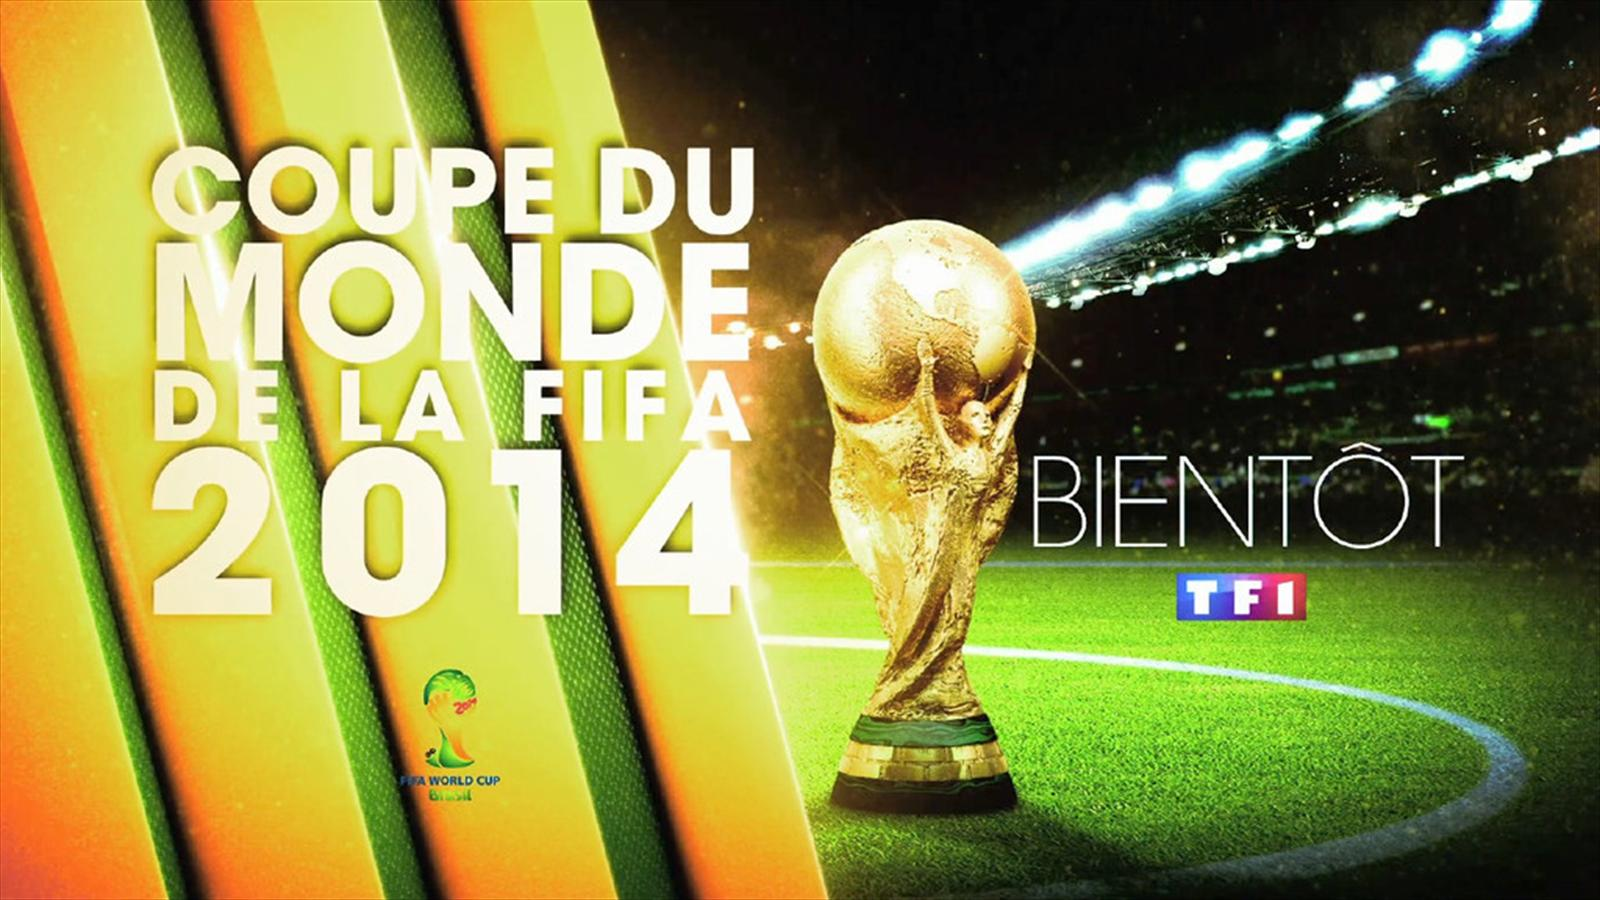 La coupe du monde de la fifa 2014 bient t sur tf1 coupe - Classement qualification coupe du monde ...